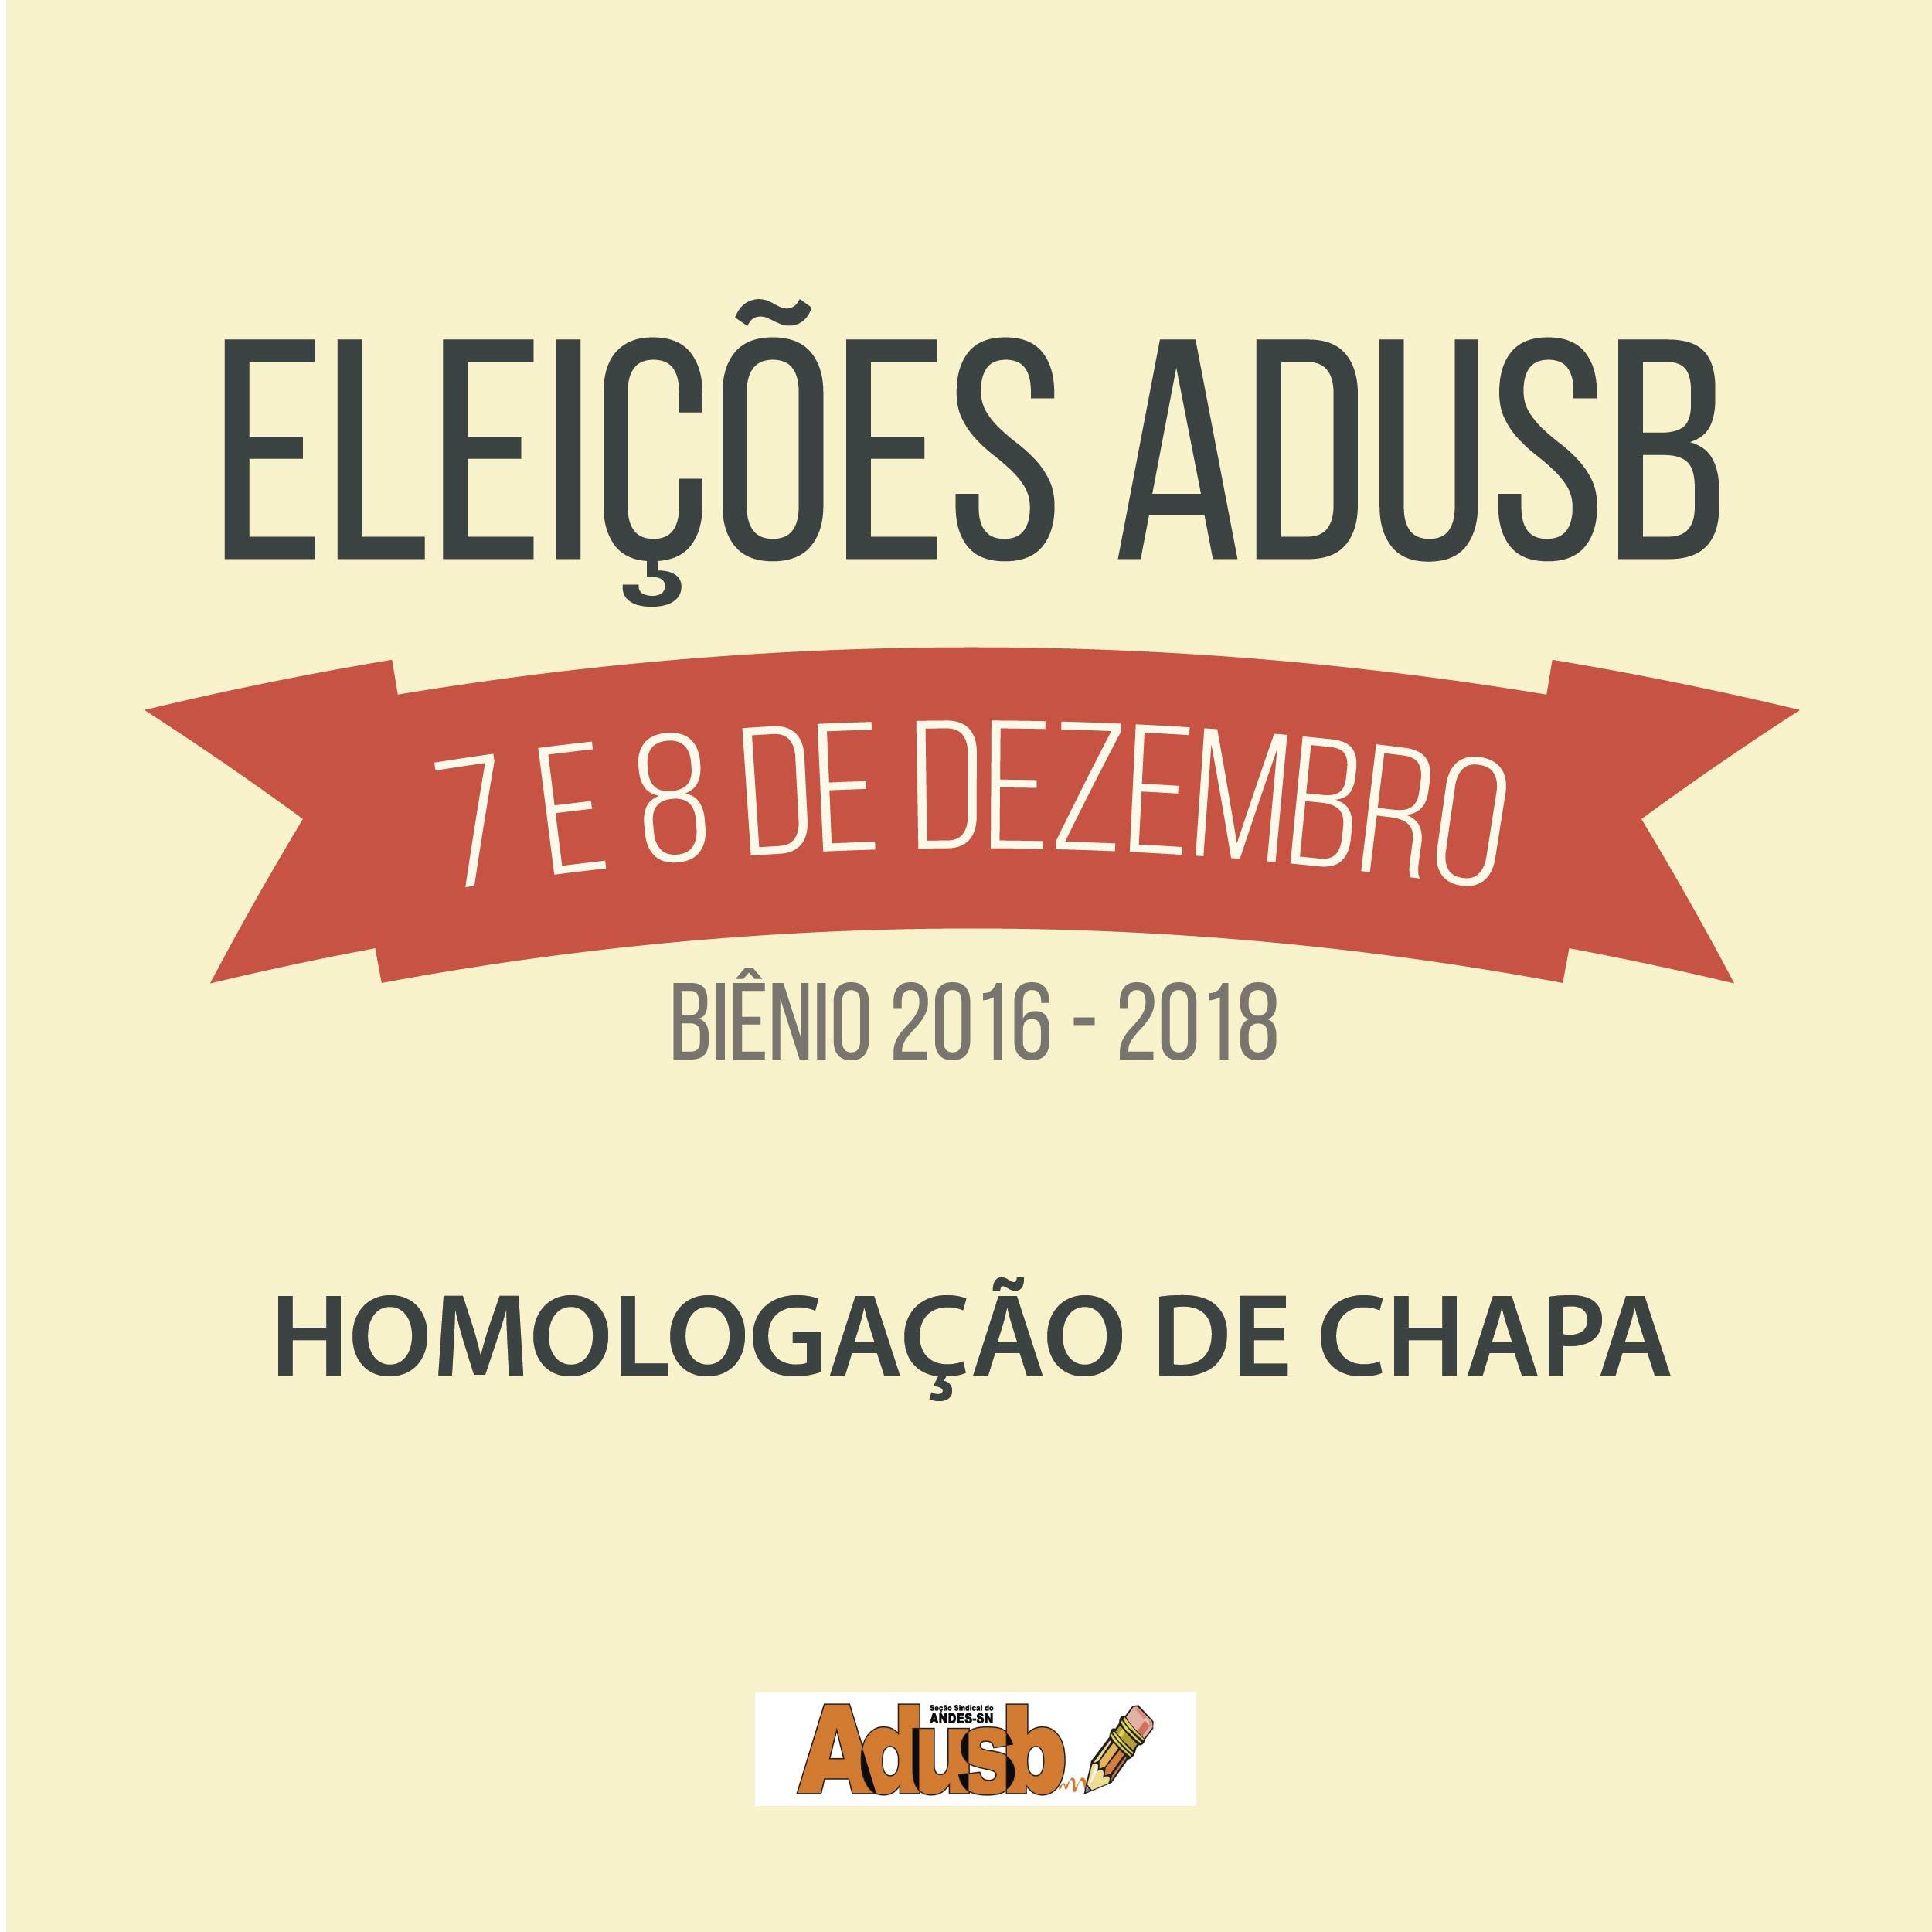 Eleições da Adusb: Comissão homologa chapa